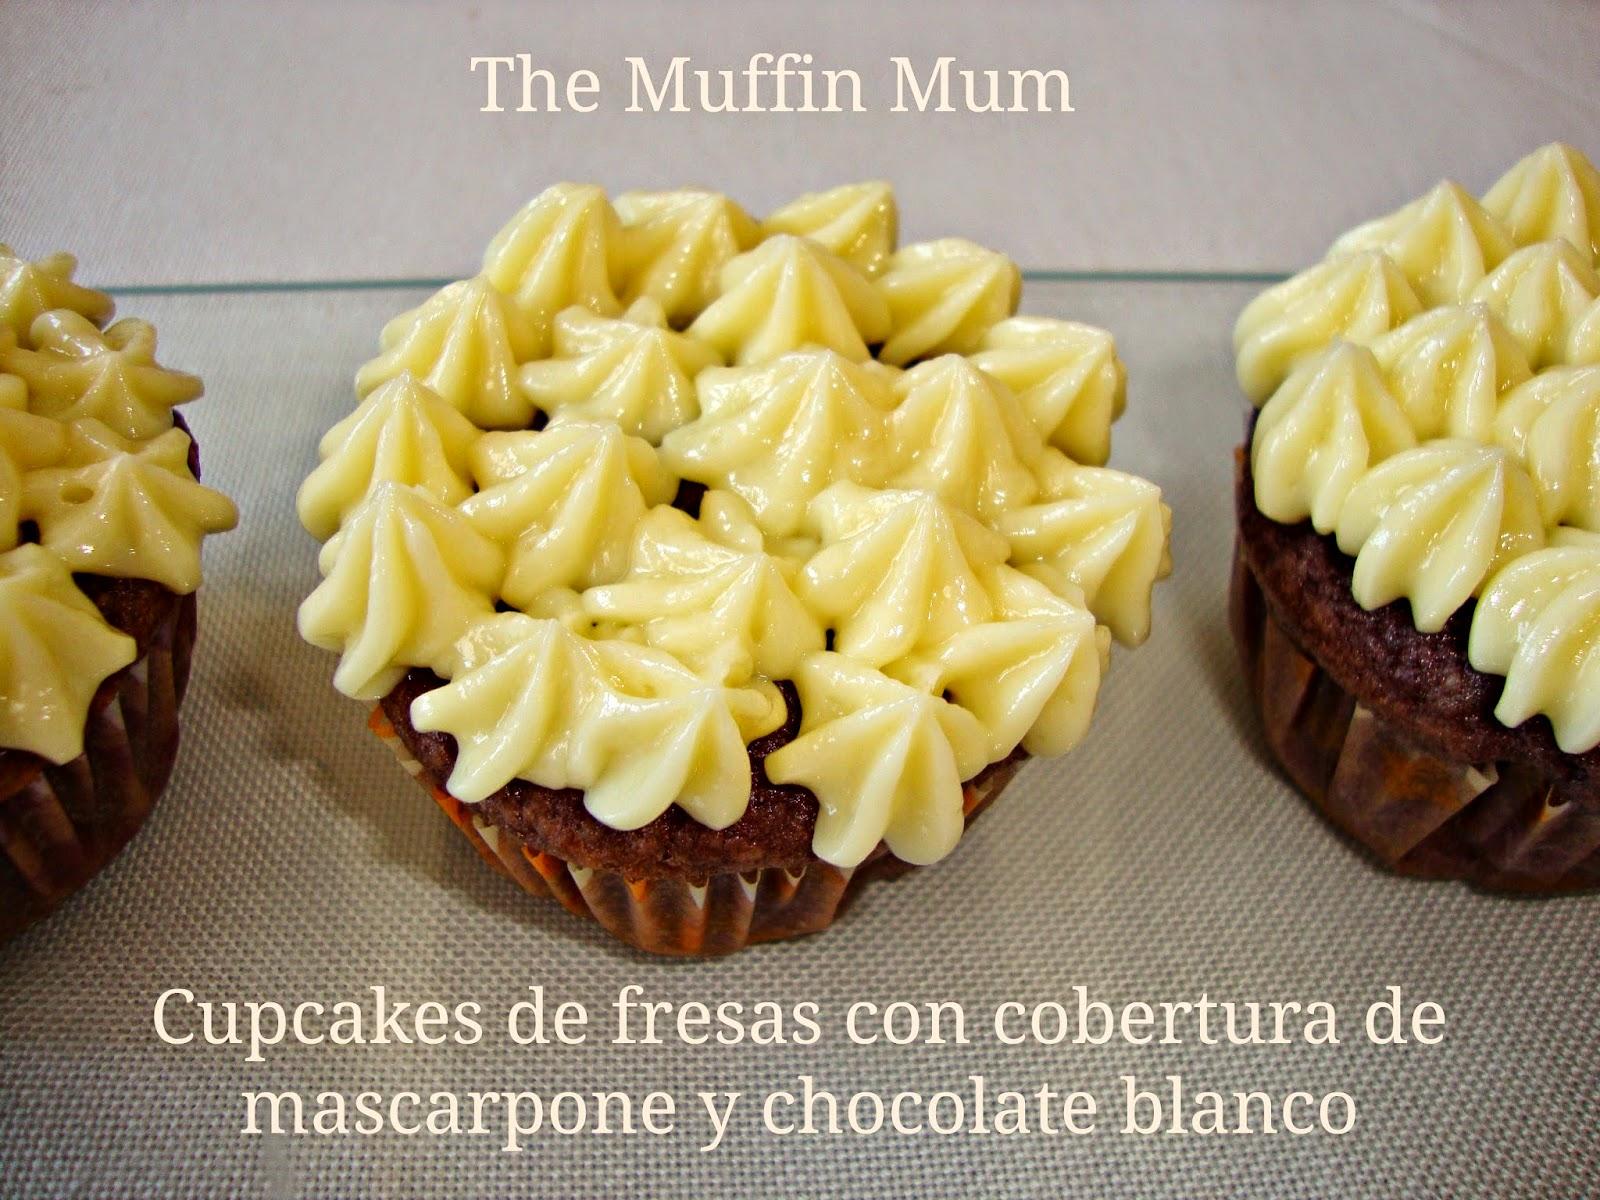 Cupcakes de fresa con cobertura de mascarpone y choco blanco